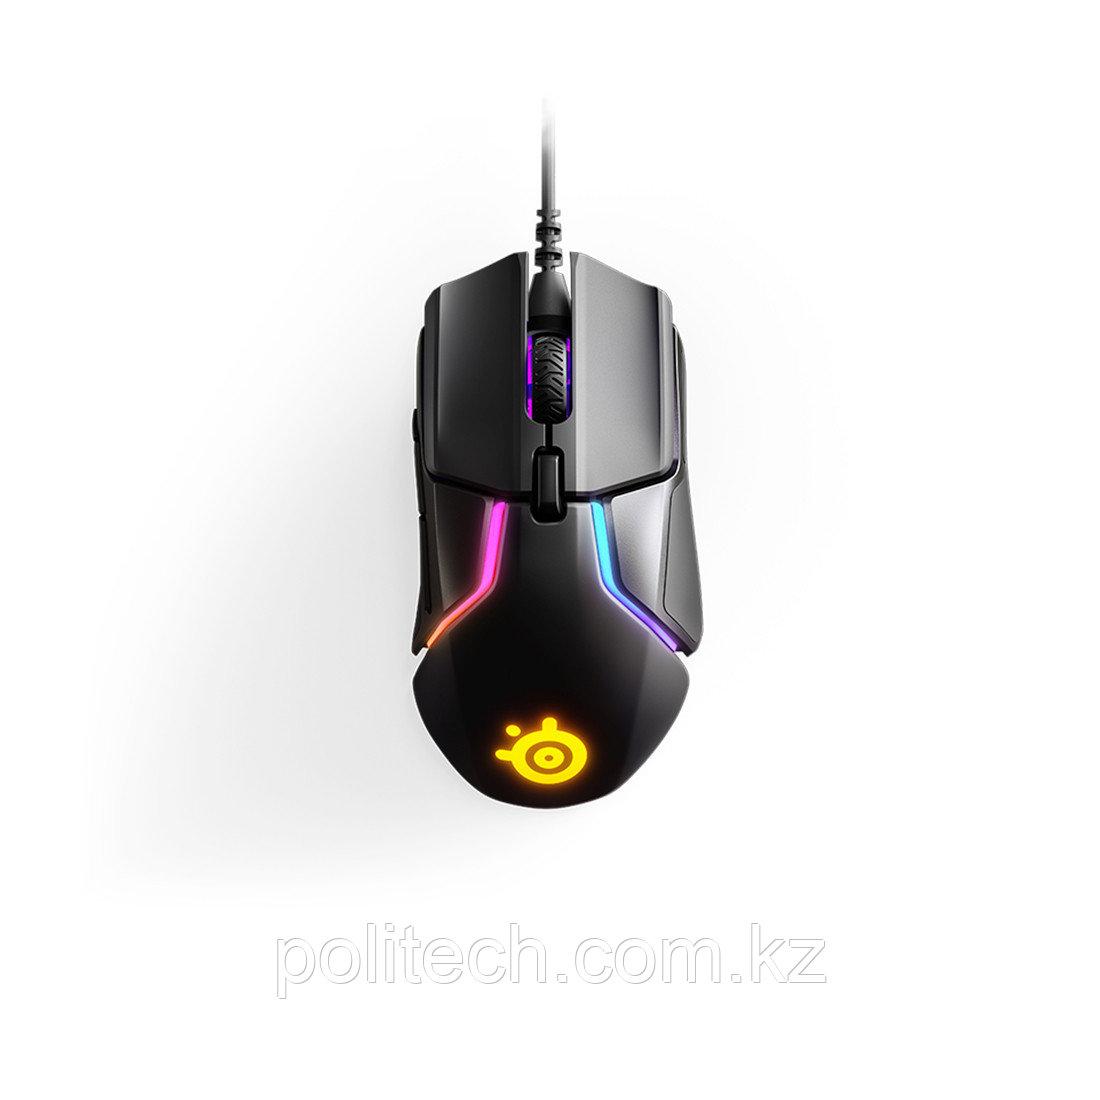 Компьютерная мышь Steelseries Rival 600